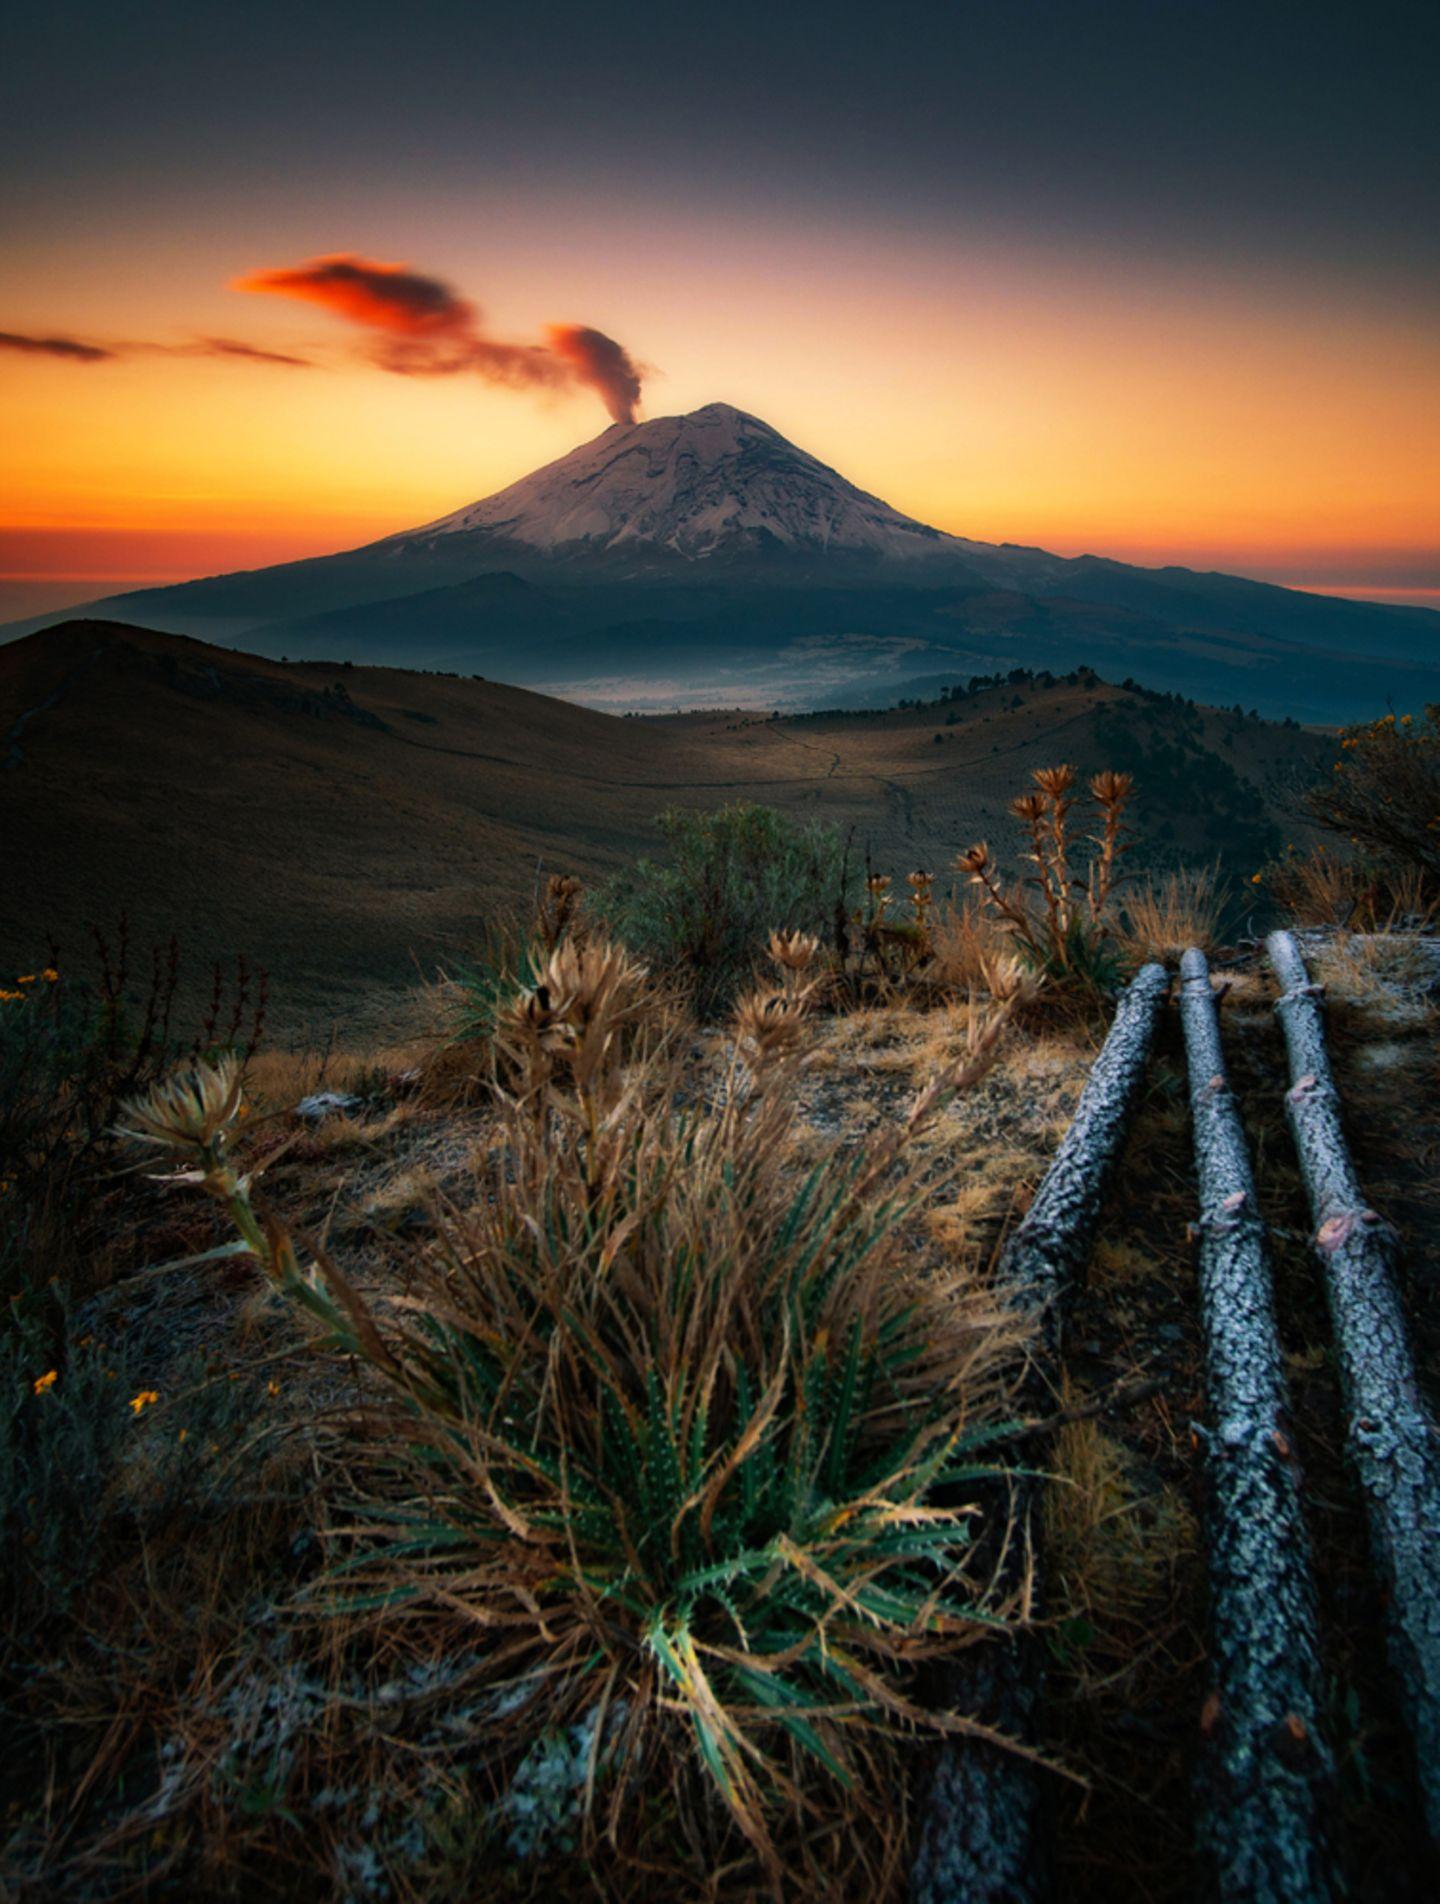 Brian Mena Laureano, Mexico, Winner, National Awards, 2021 Sony World Photography Awards